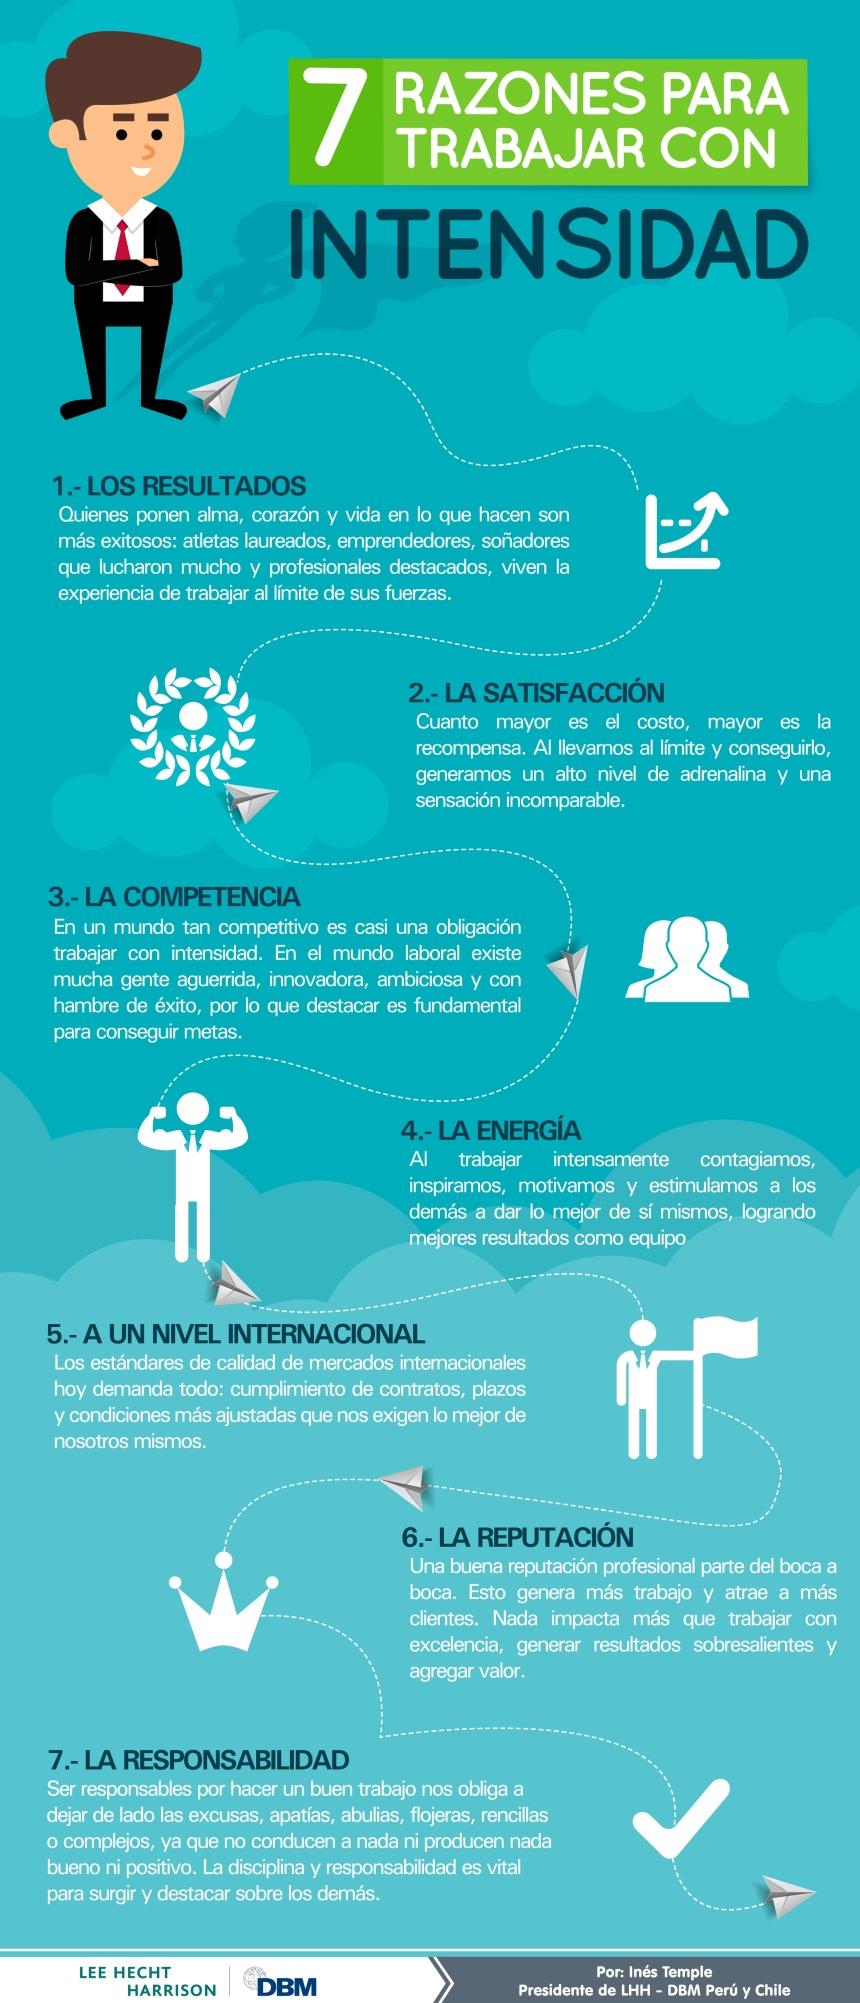 7-razones-para-trabajar-con-intensidad-infografia